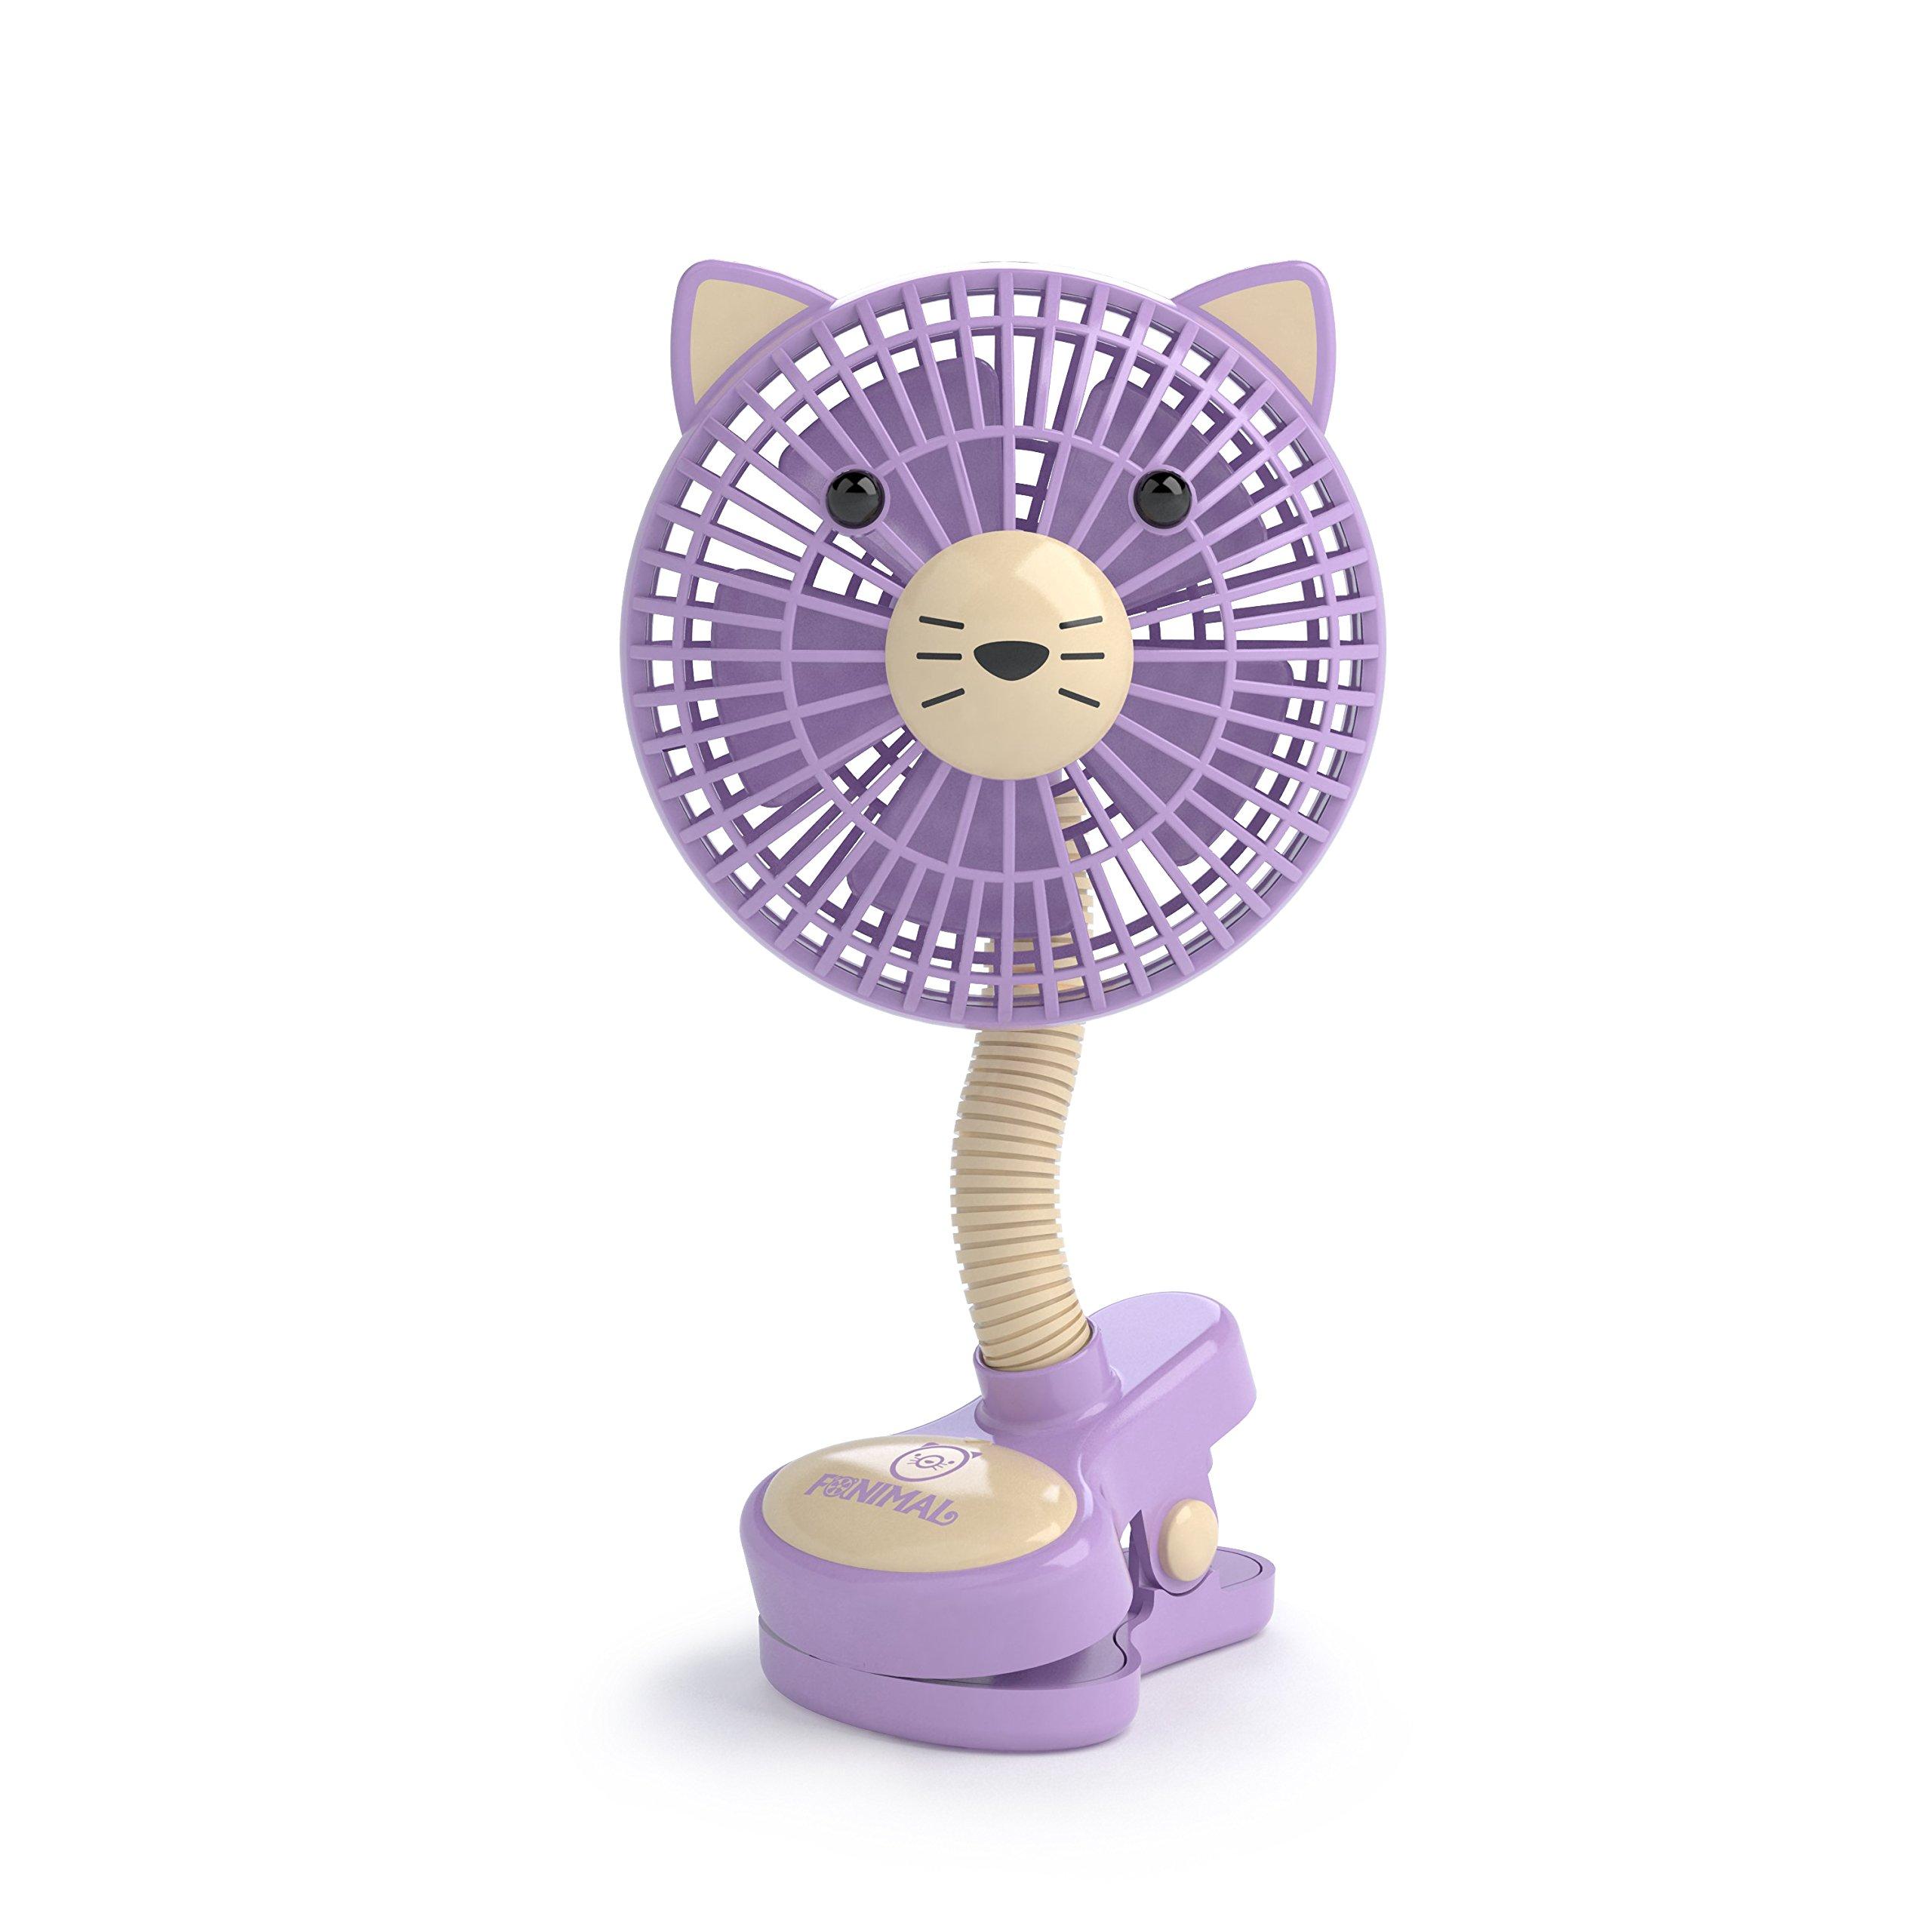 LIVION Fanimal Clip-On Stroller Fan 5'' - Portable Baby Fan with Clip - Mini Desk Fan - Cute Stroller Fan with Animal Designs - Adjustable Gooseneck - USB/Battery Powered (Kitty)